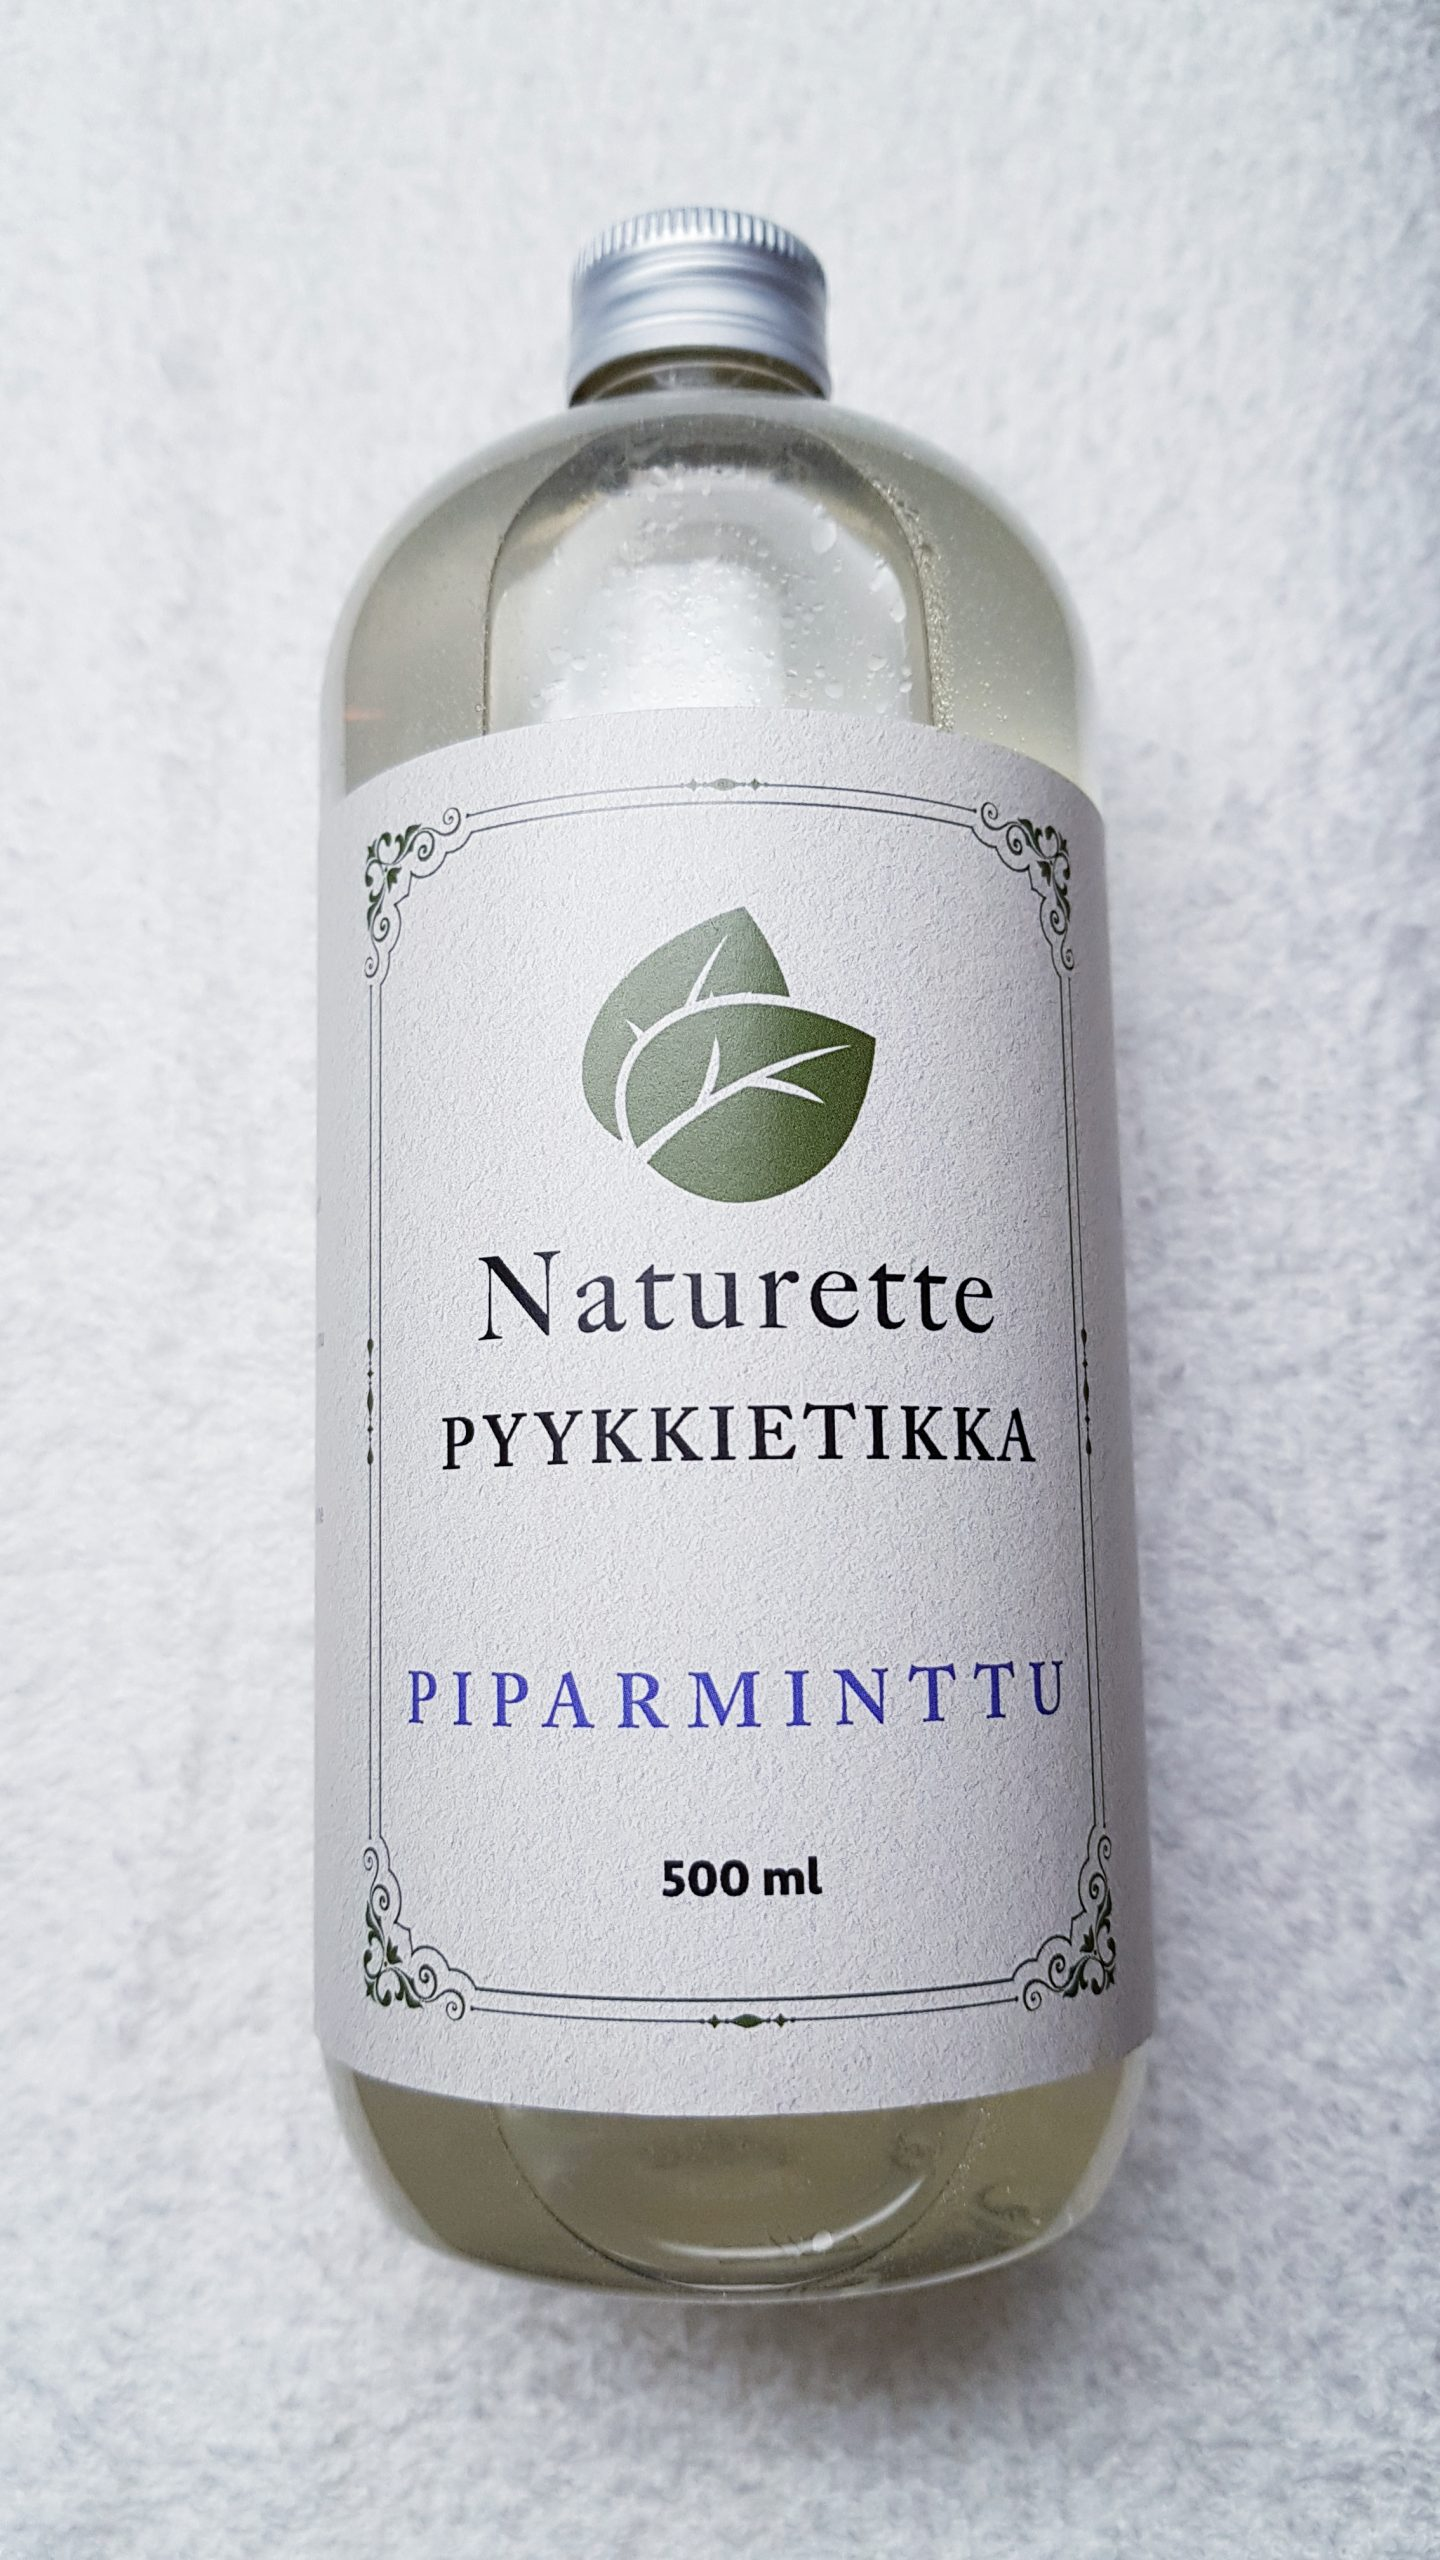 NATURETTE pyykkietikka Piparminttu, 500ml – kotimainen, luomu, ekologinen